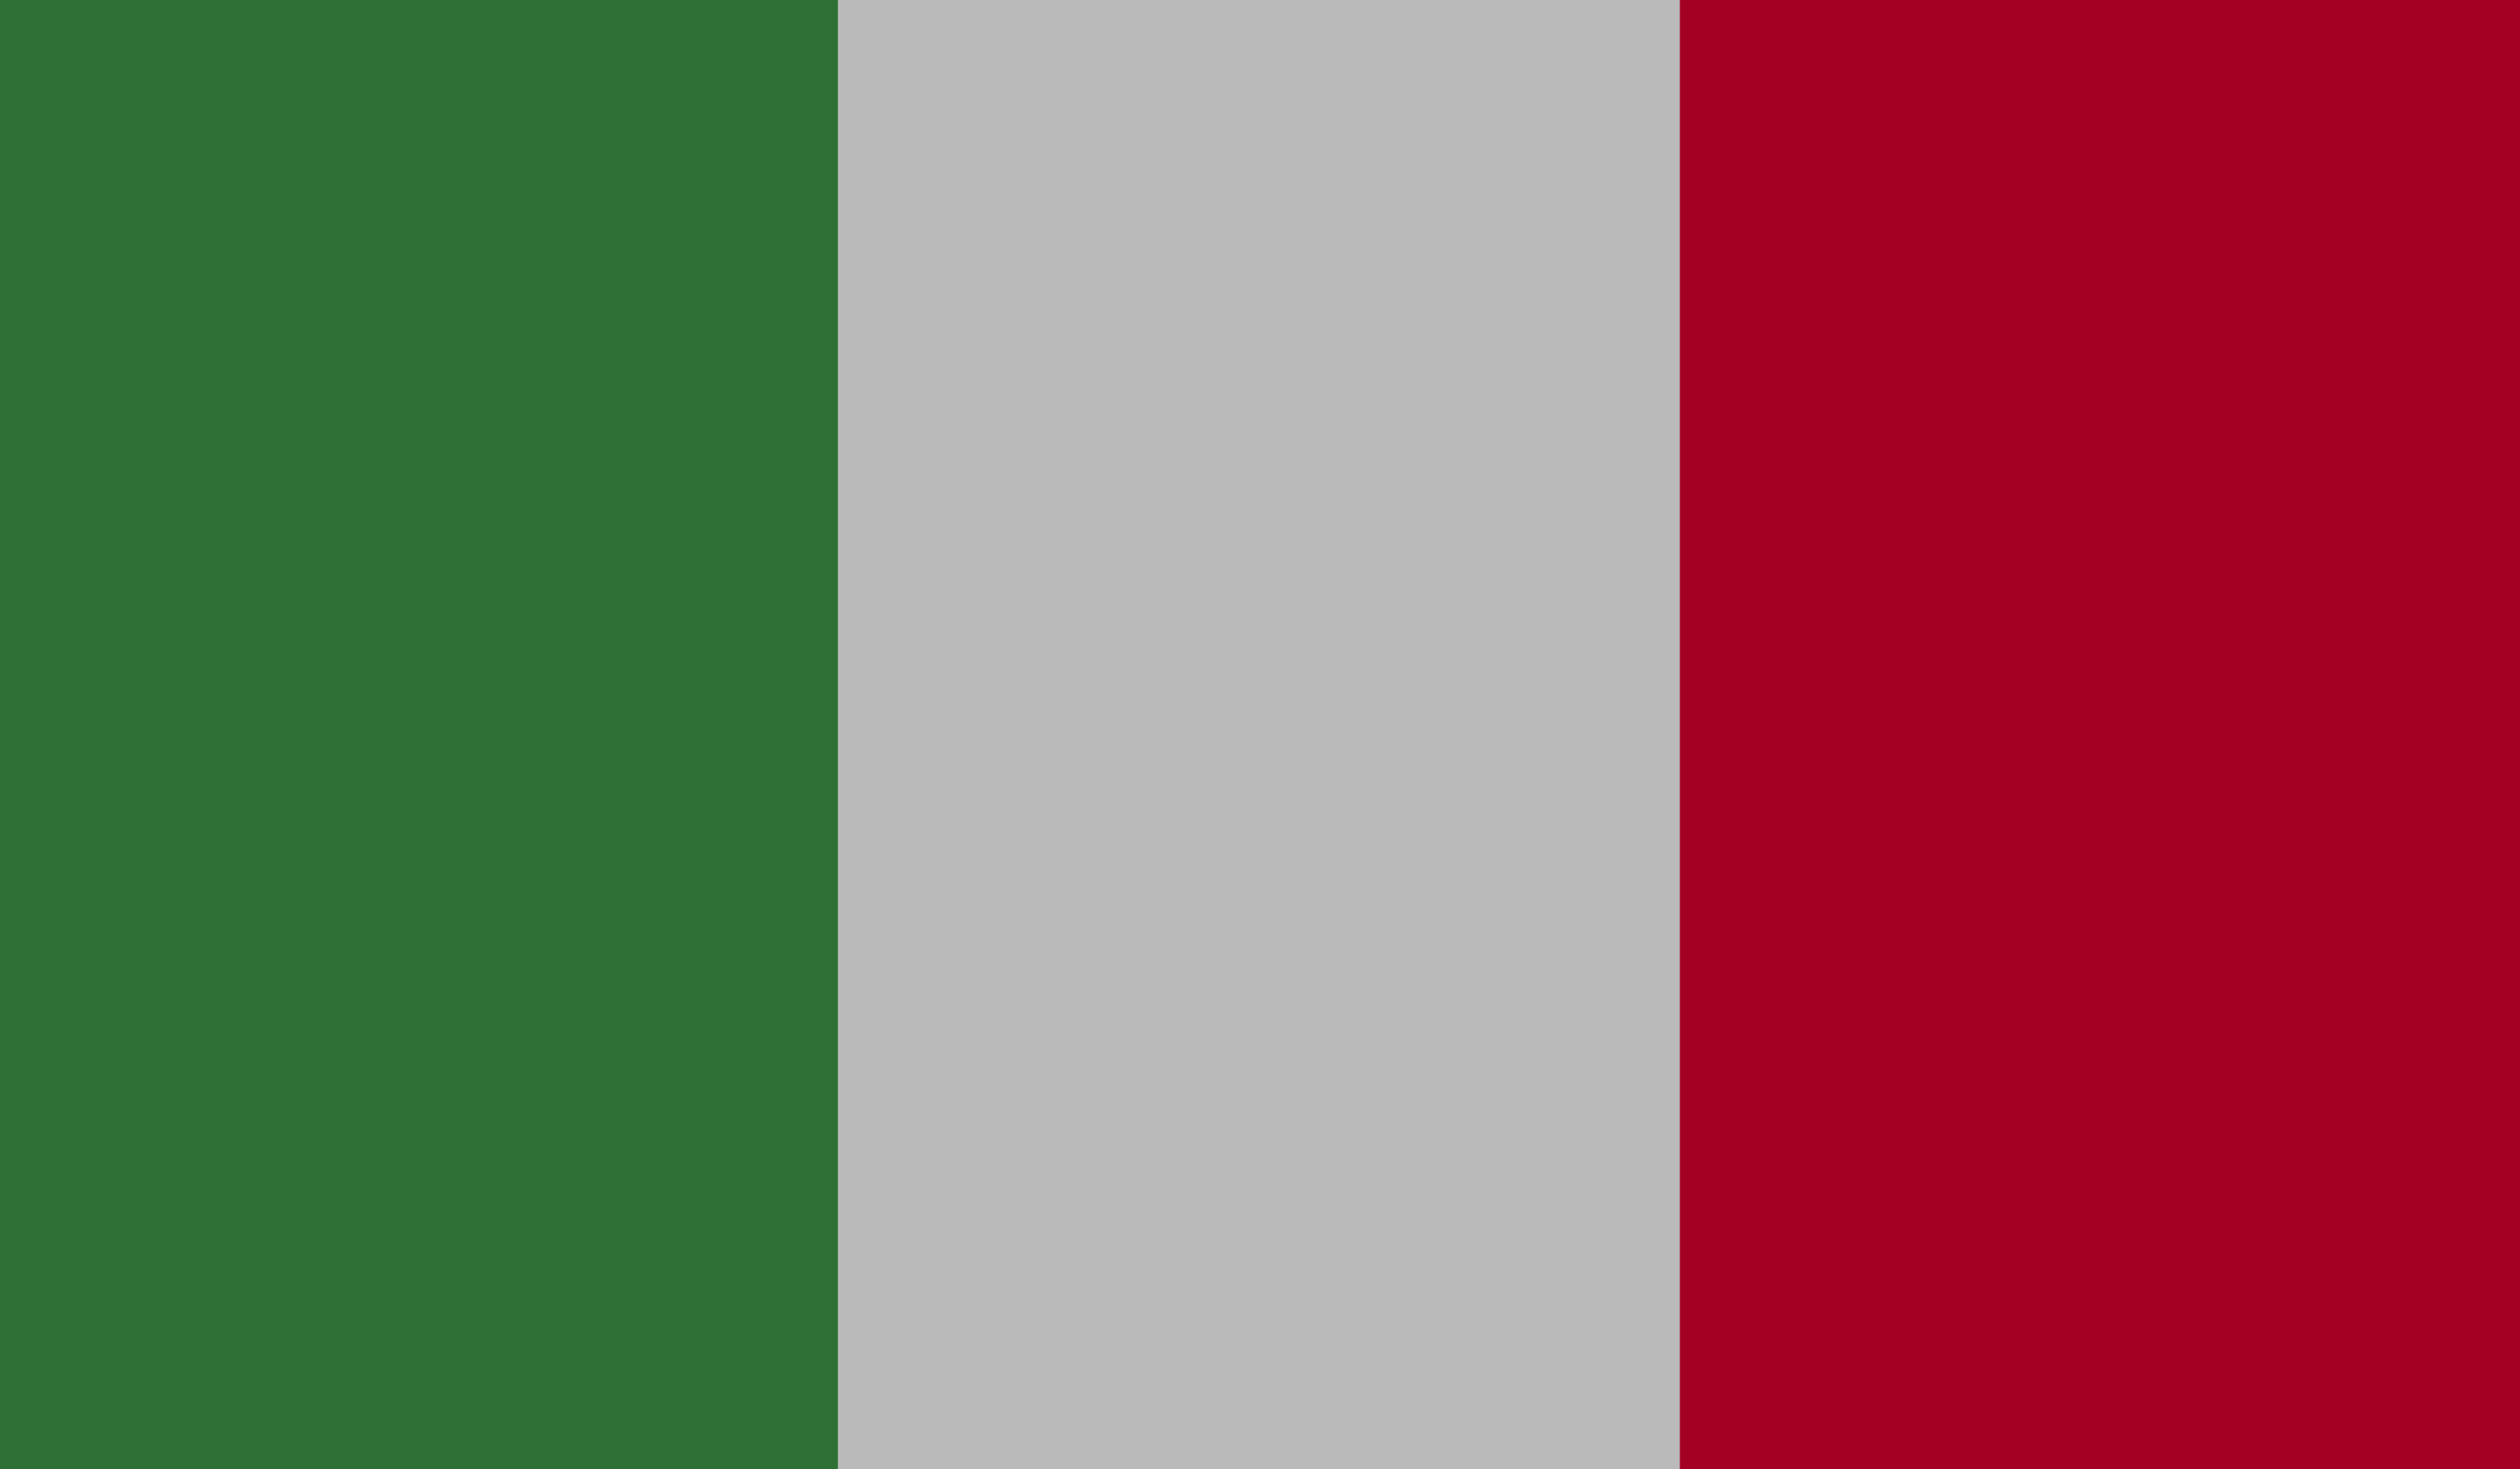 Italia-Suomi